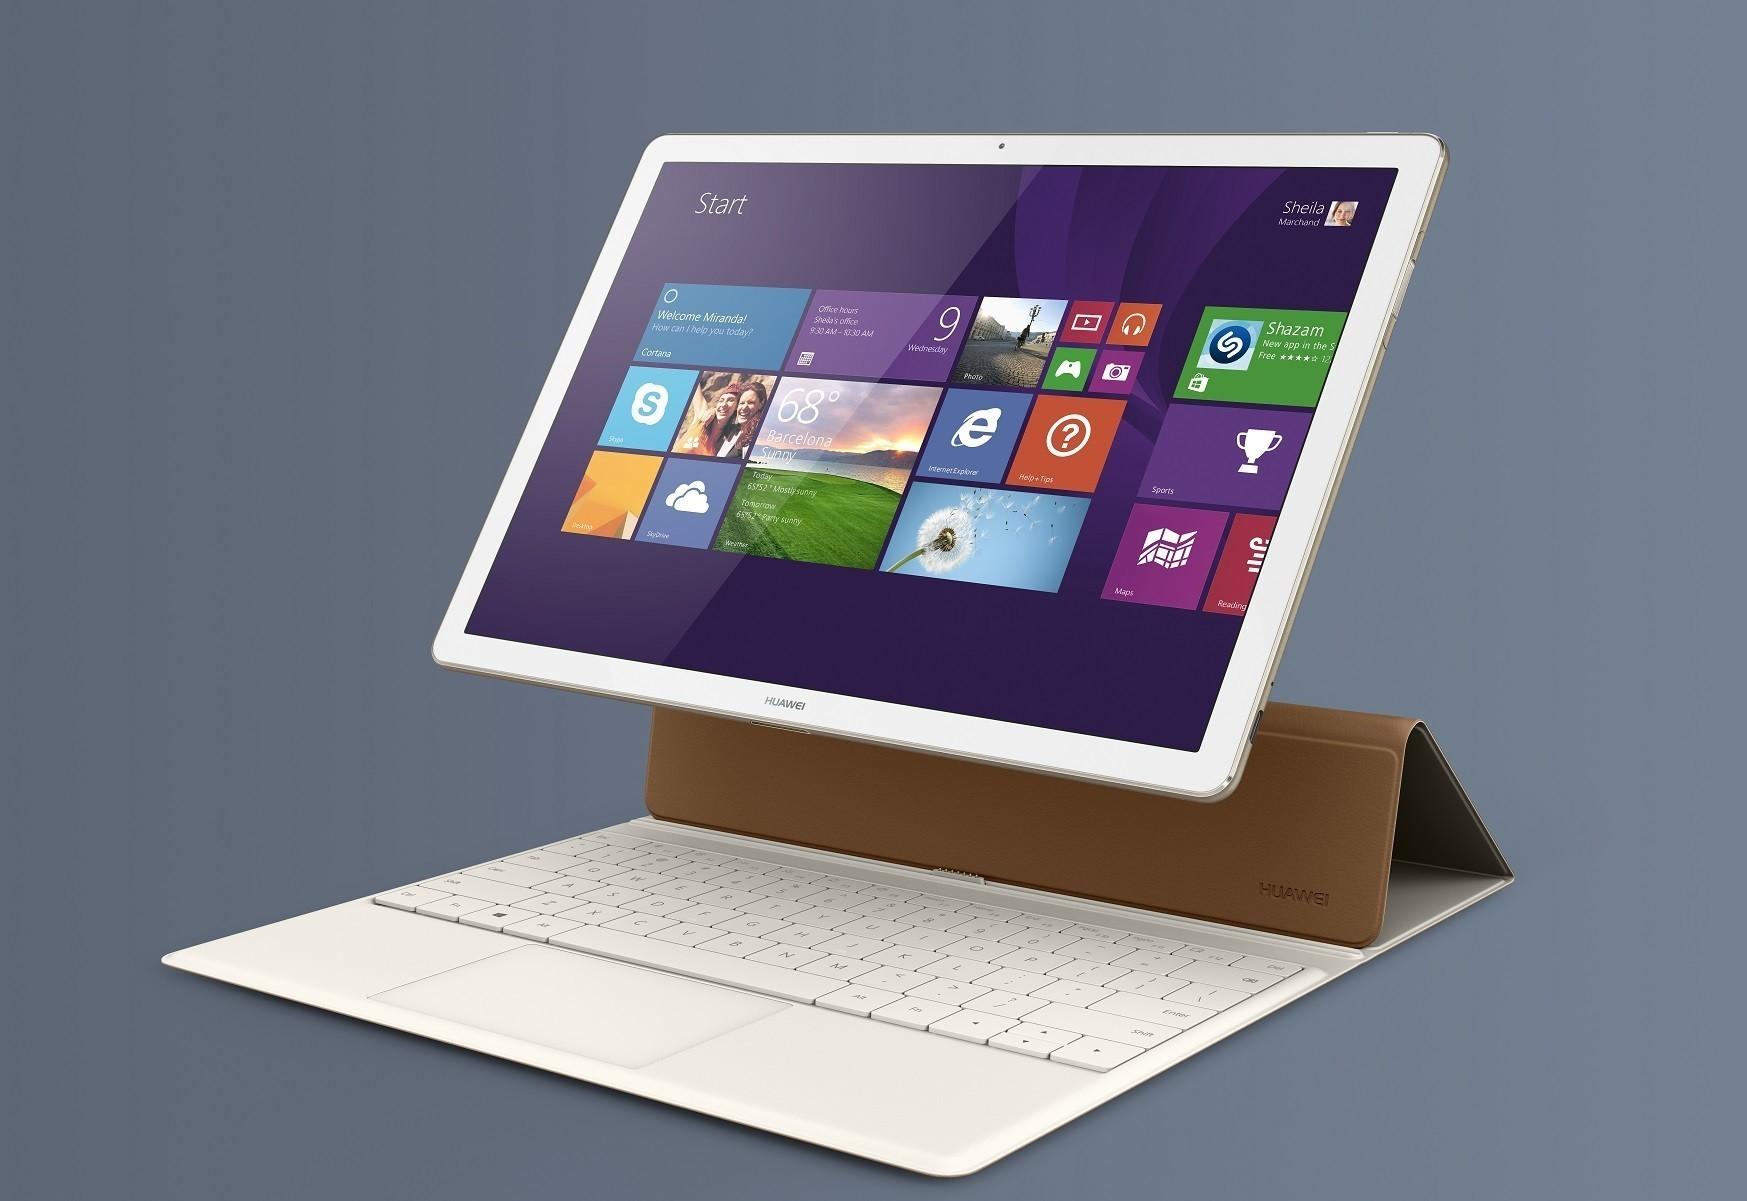 Matebook minner om en iPad Pro, den største og viktigste forskjellen er at den selvsagt kjører Windows 10.